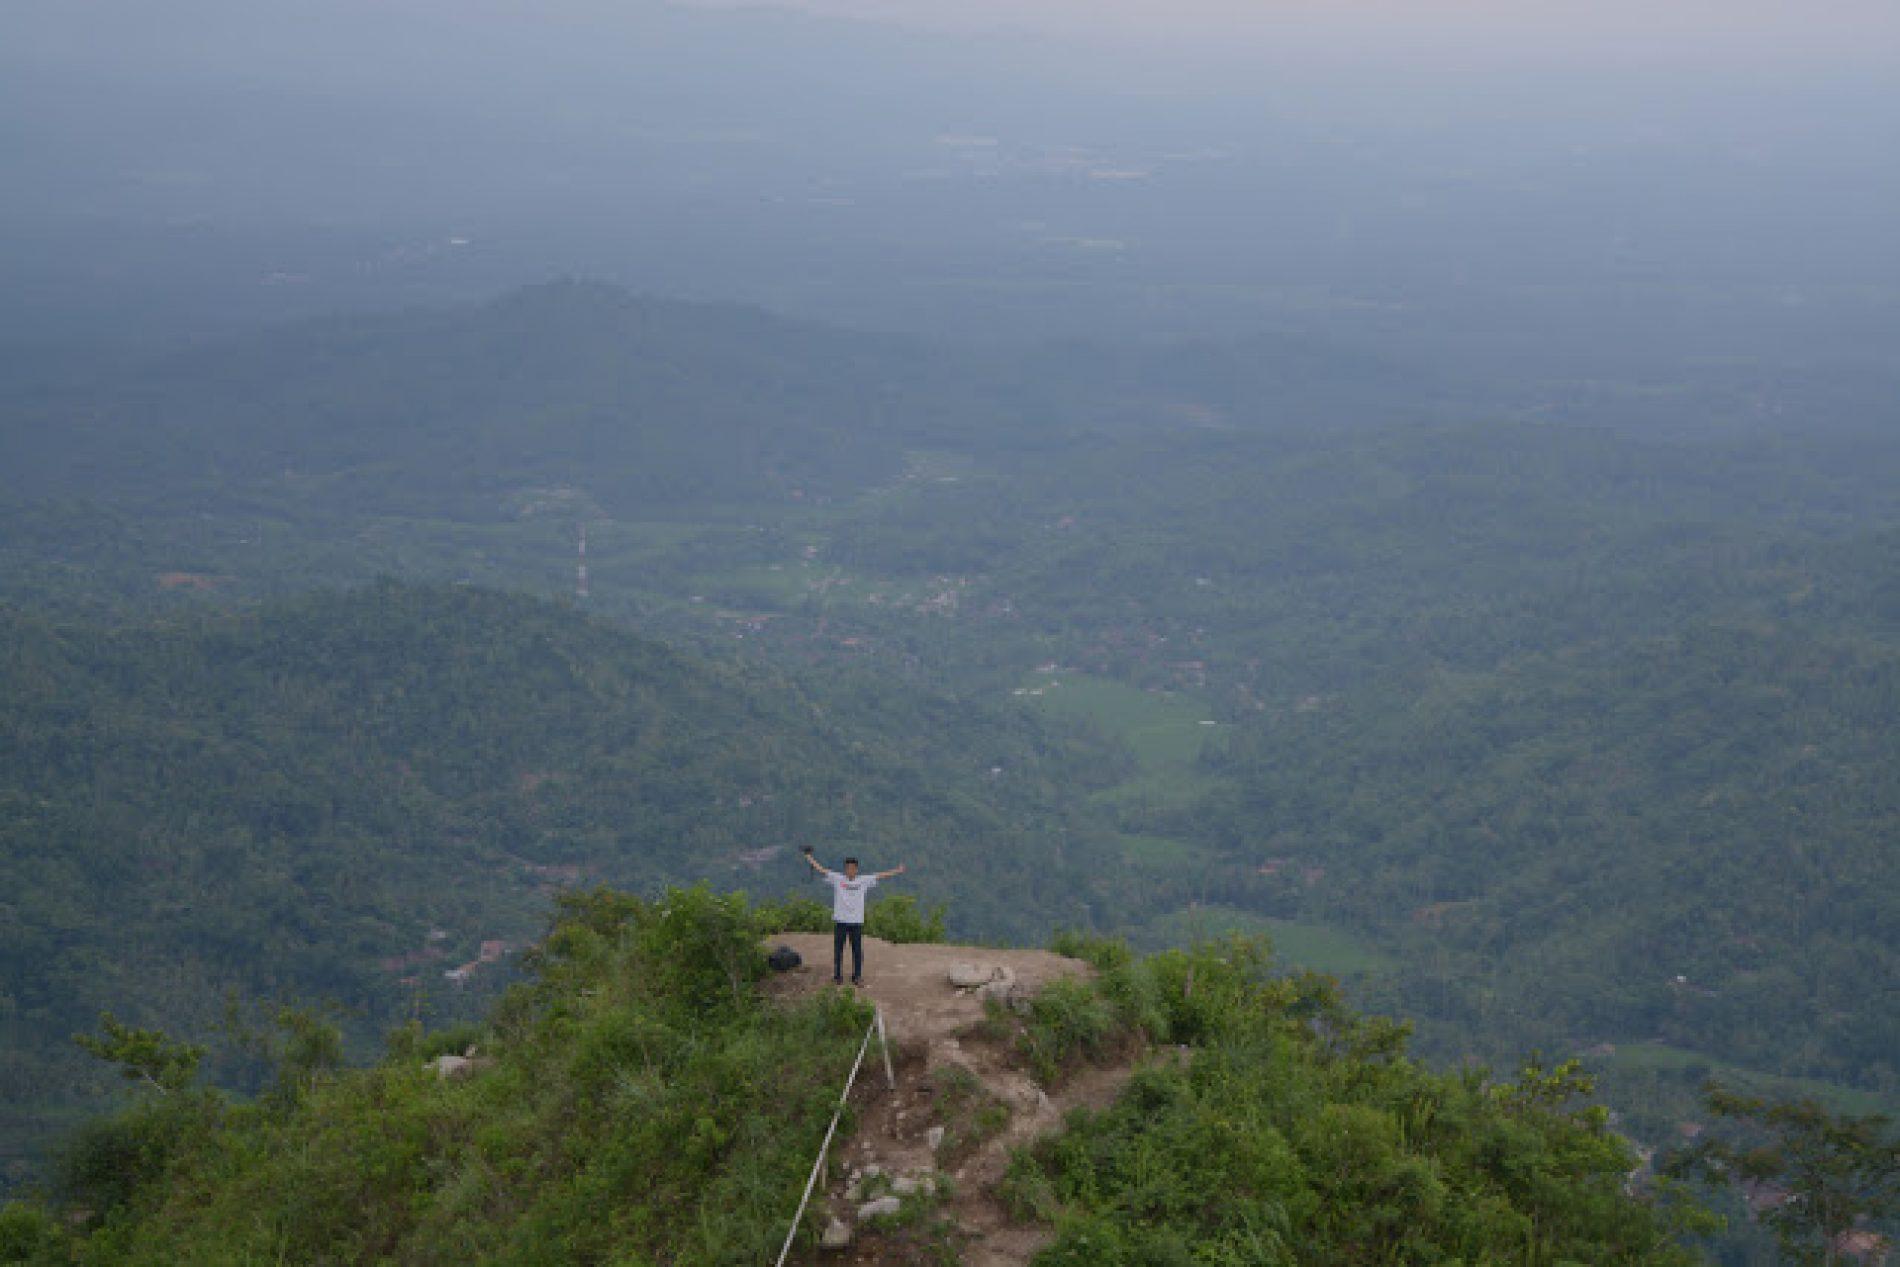 Pemandangan Luar Biasa dari Puncak Gunung Kukusan